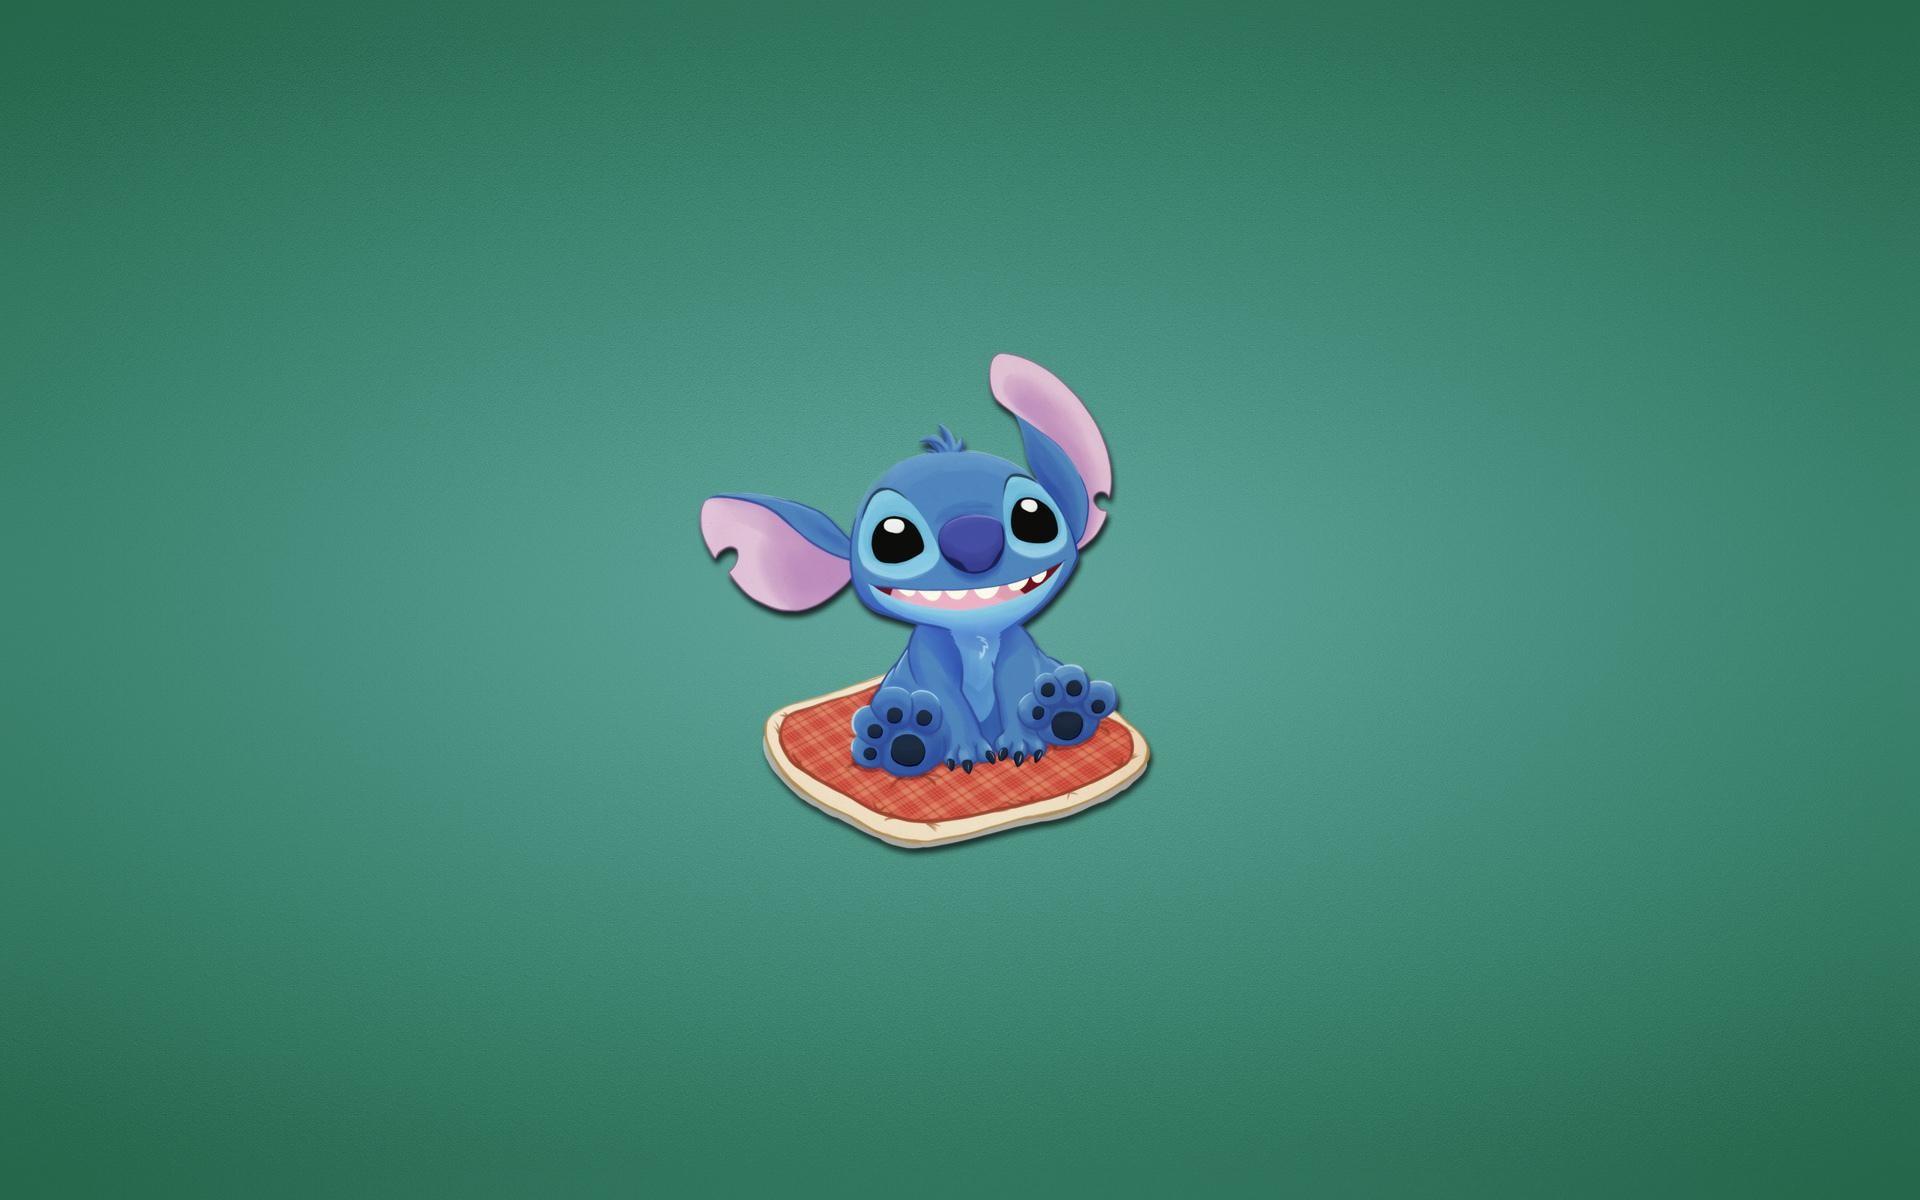 Lilo Stitch picture: aad2 jpg (becuo.com) Lilo Stitch picture: Stich 02 gif  (gifss.com) Lilo Stitch picture: 1 Lilo y …